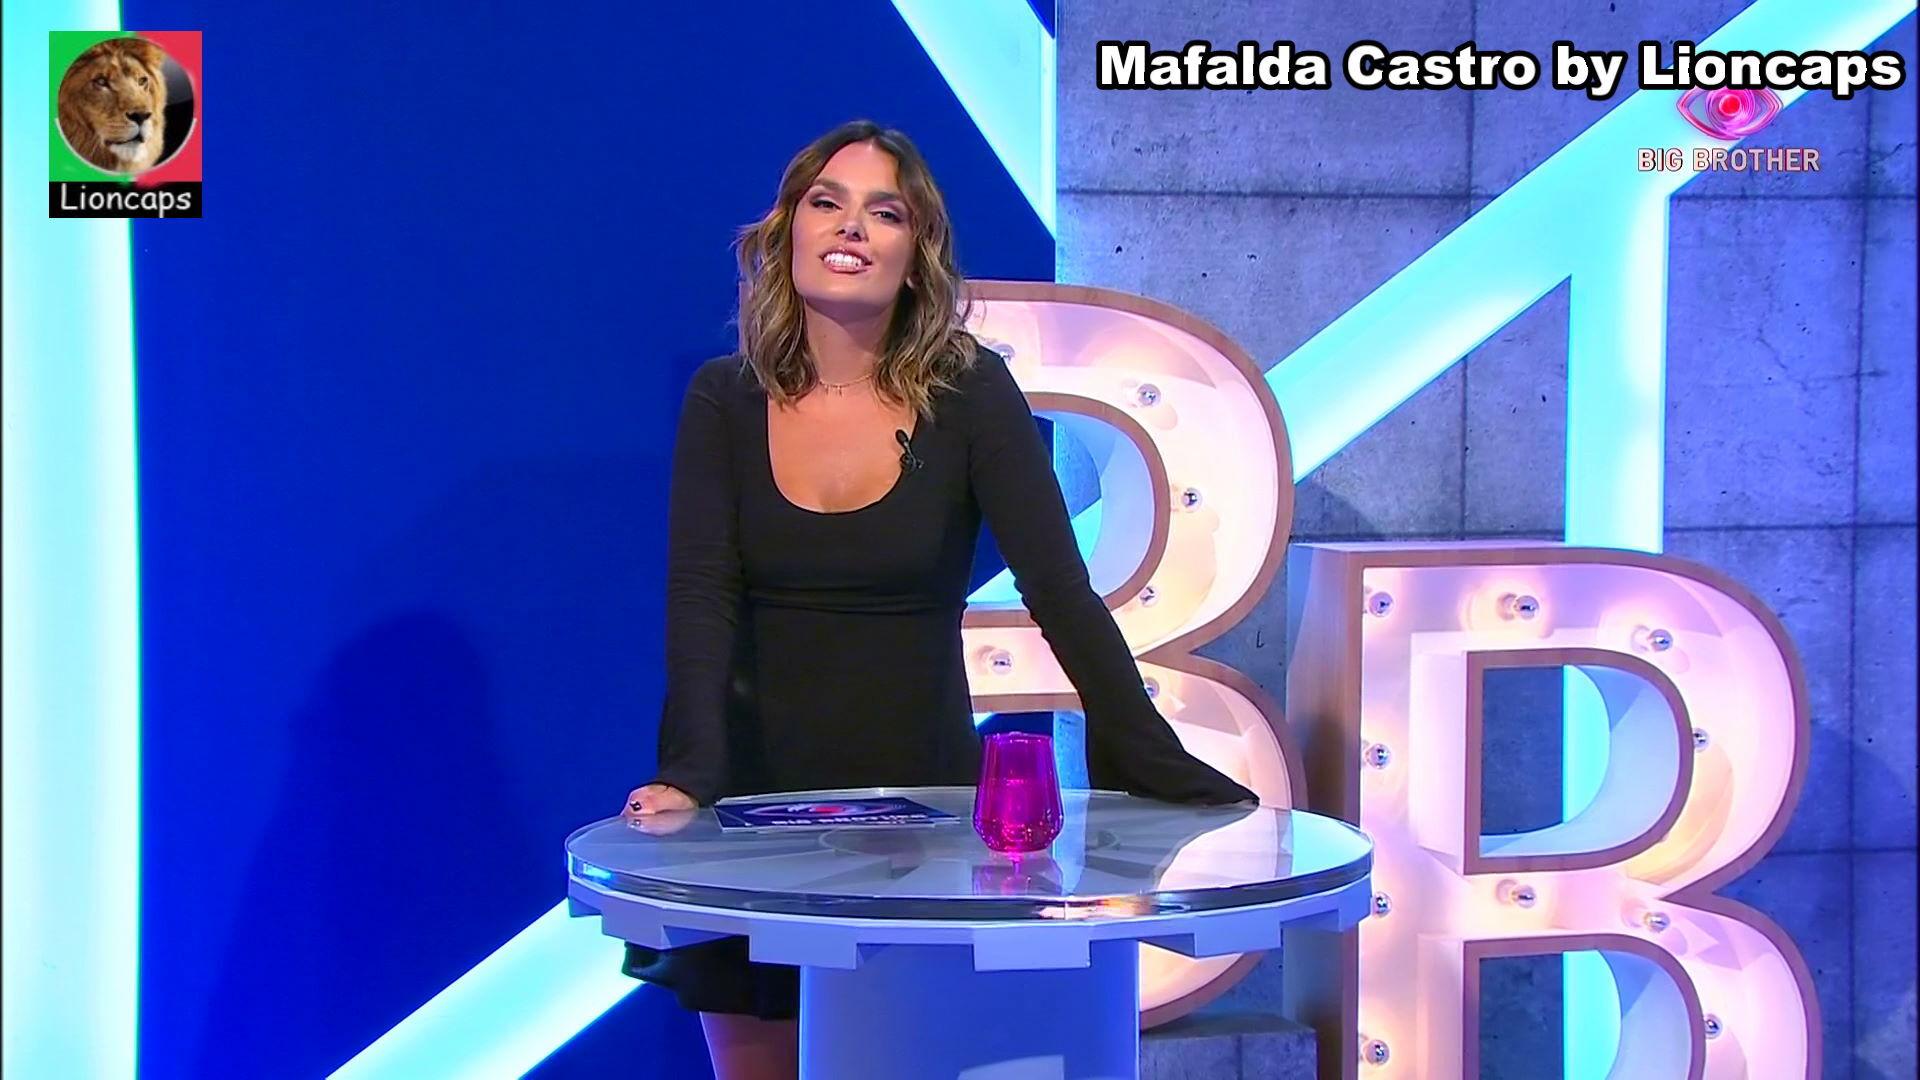 mafalda_castro_vs200630-025 (2).JPG